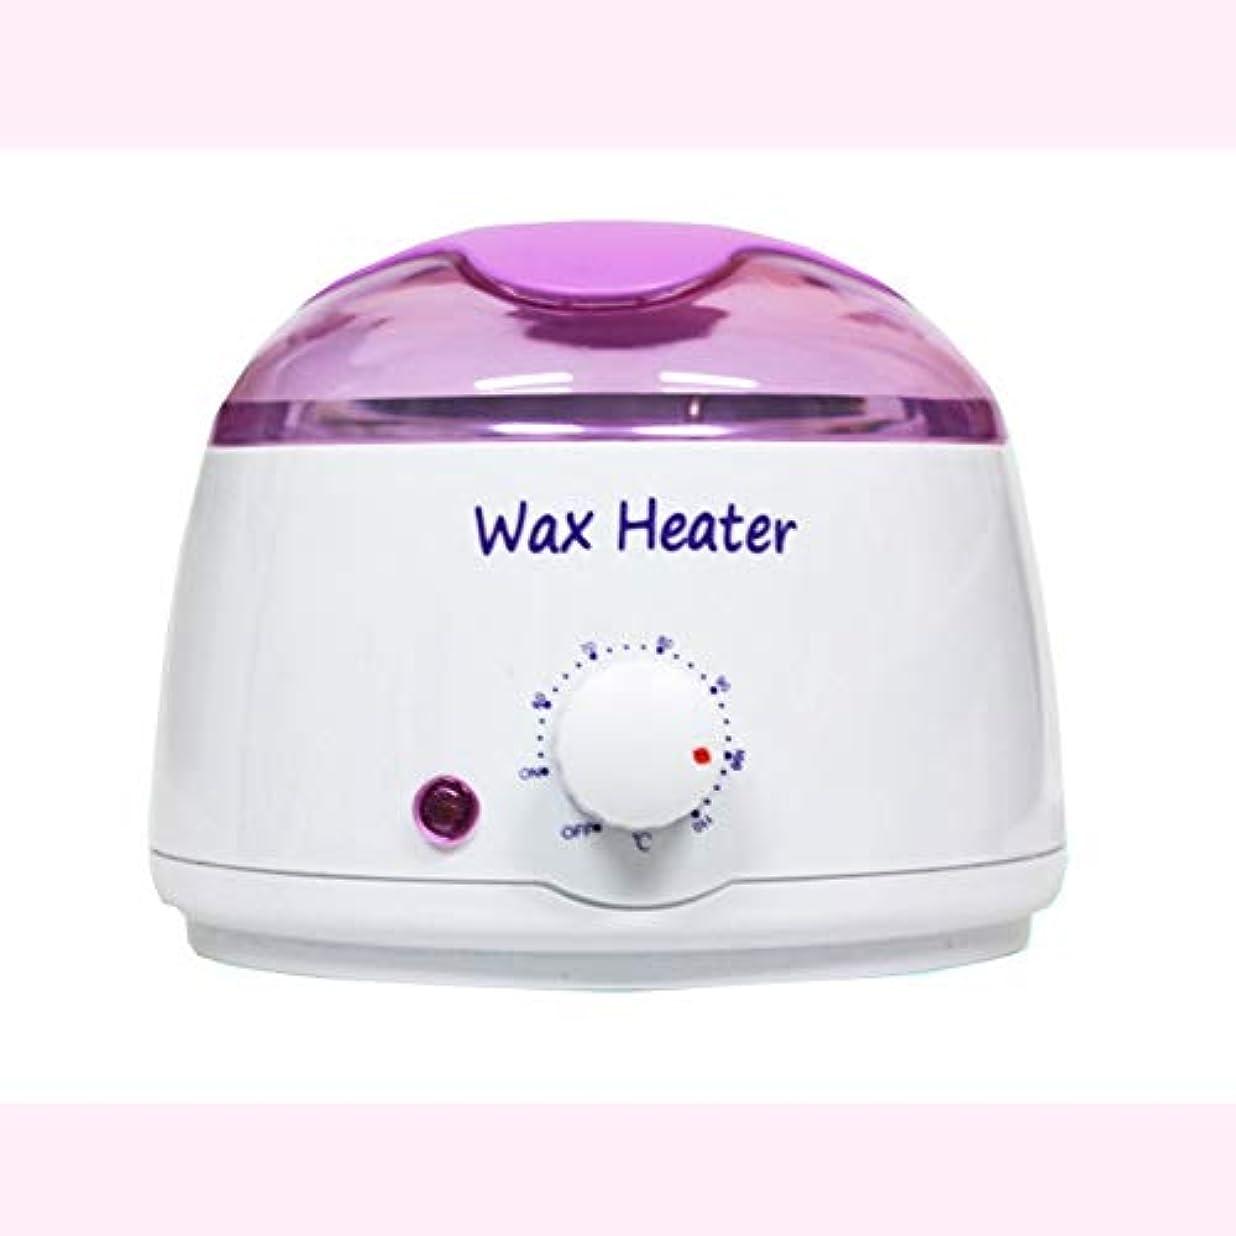 自分のためにパプアニューギニア人専門の電気ワックスのウォーマーおよびヒーター、女性/人のための毛の取り外しの家のワックスのためのワックスのメルターは小型多機能のワックス機械を熱します